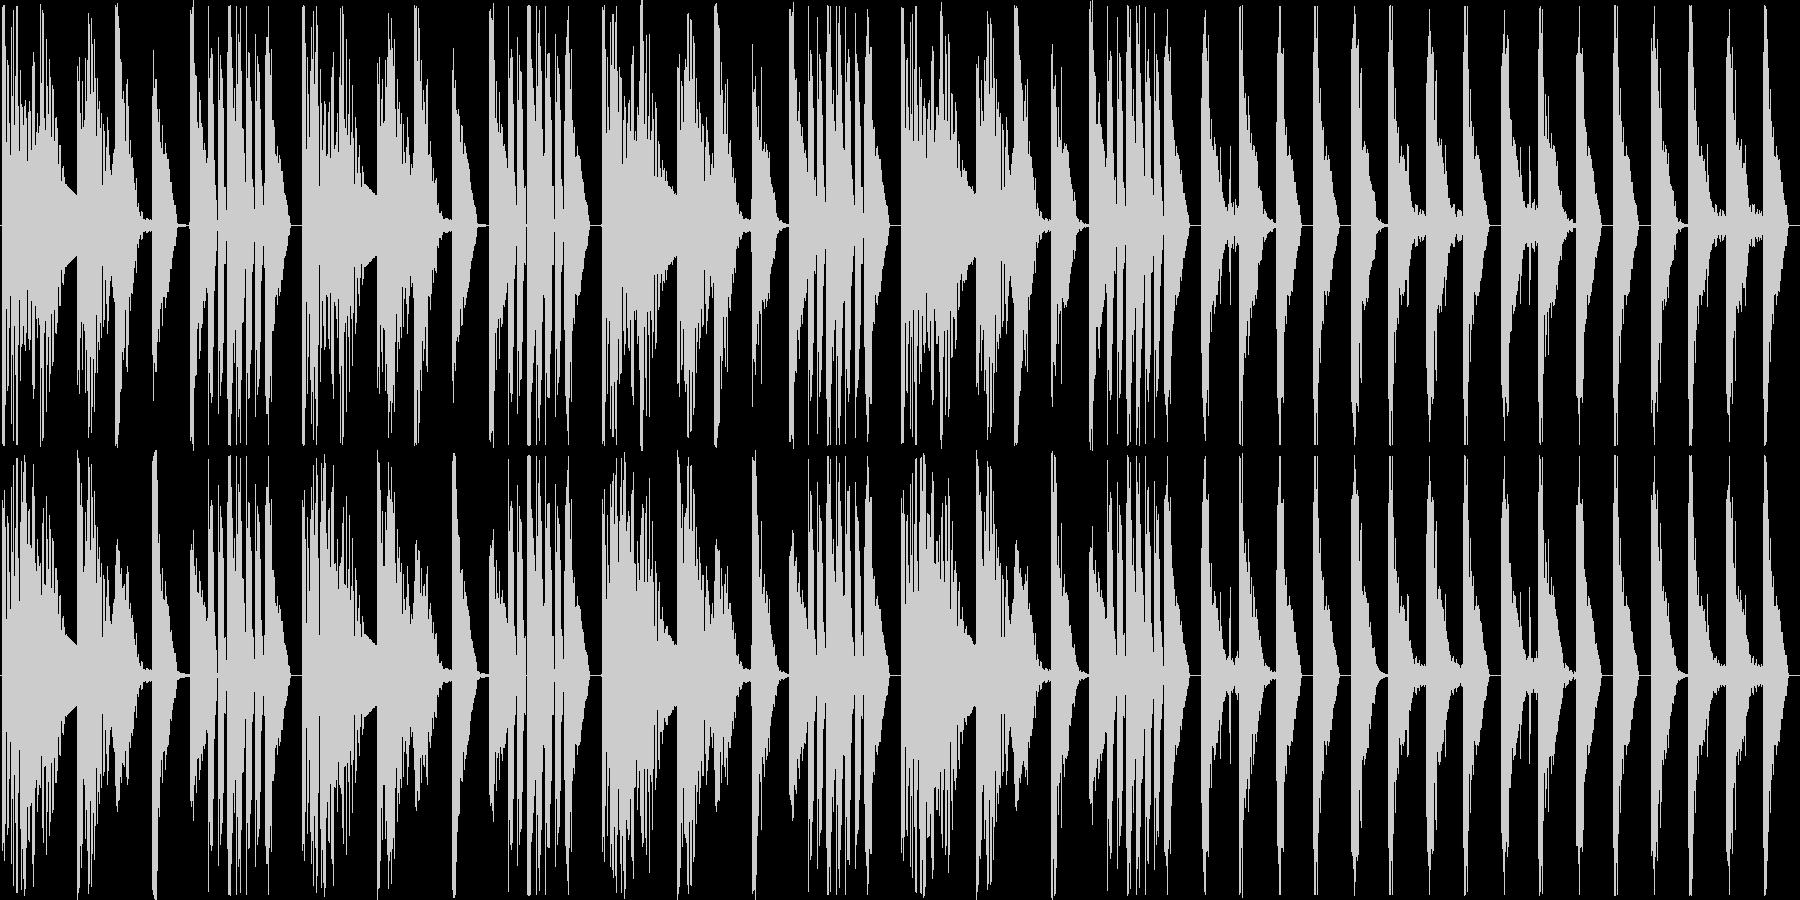 ほぼリズムだけの曲ですの未再生の波形